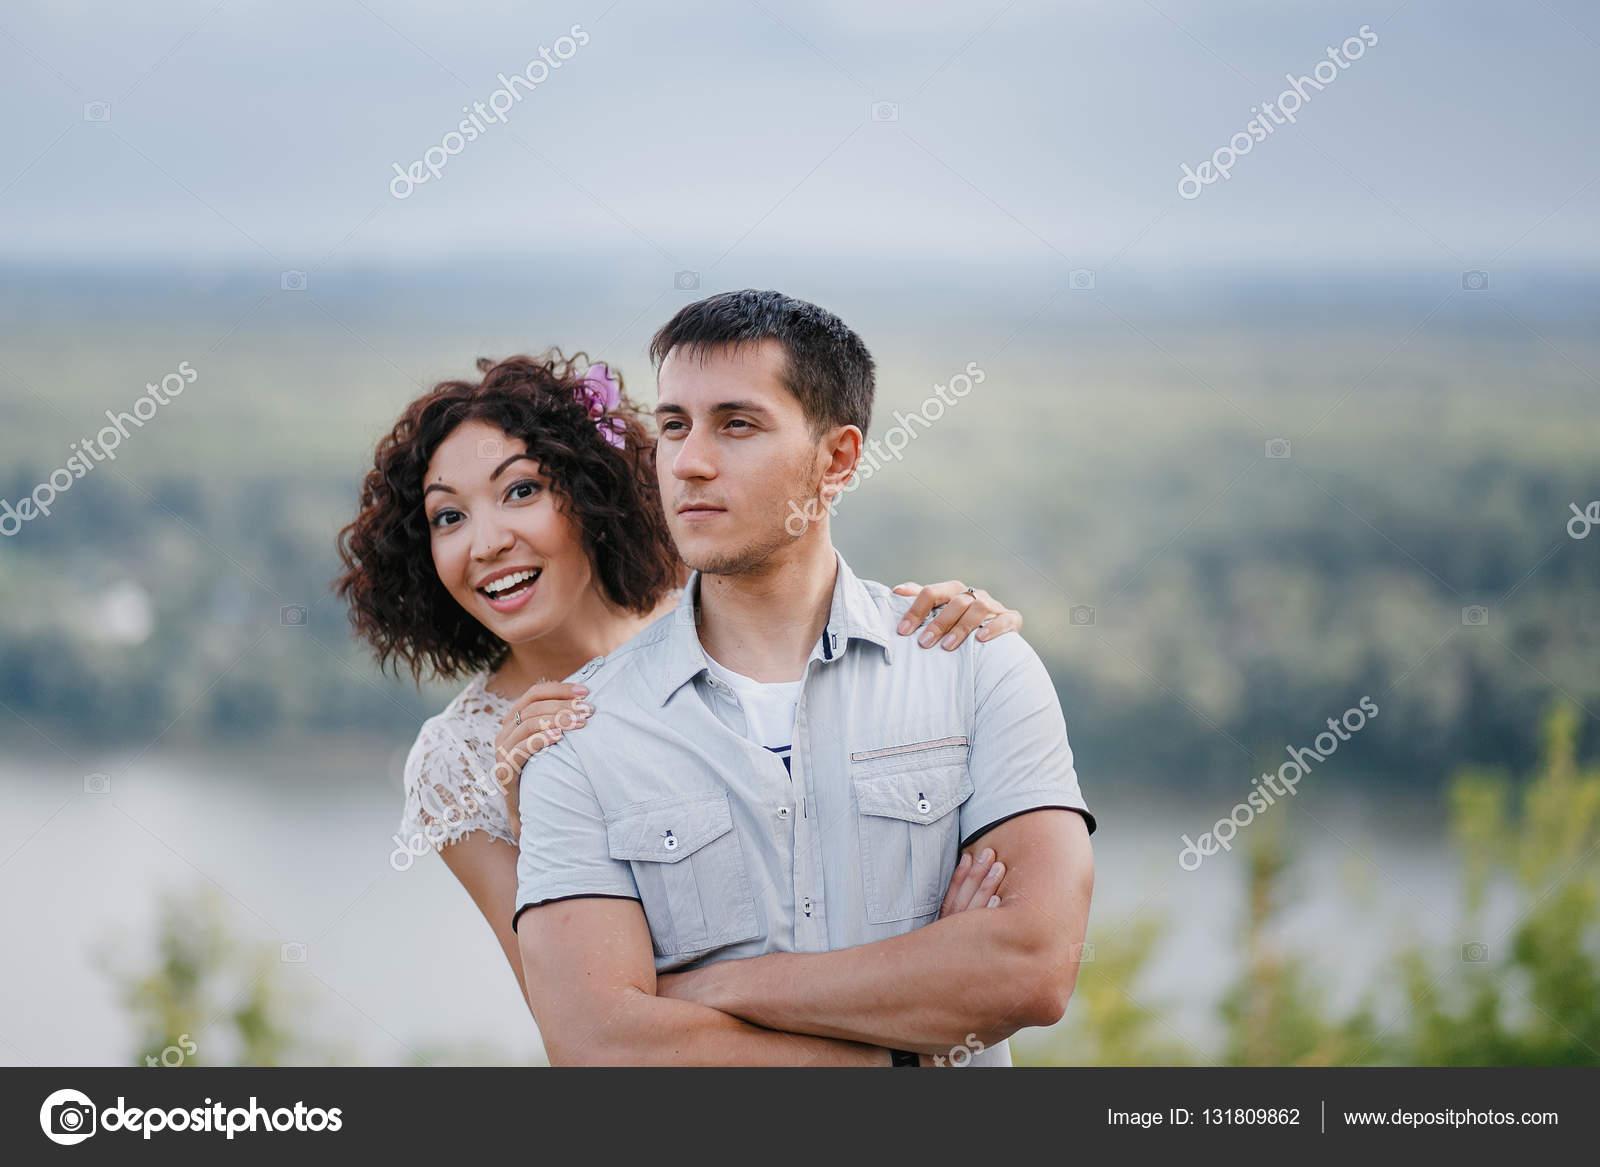 фото мужчина сзади женщины